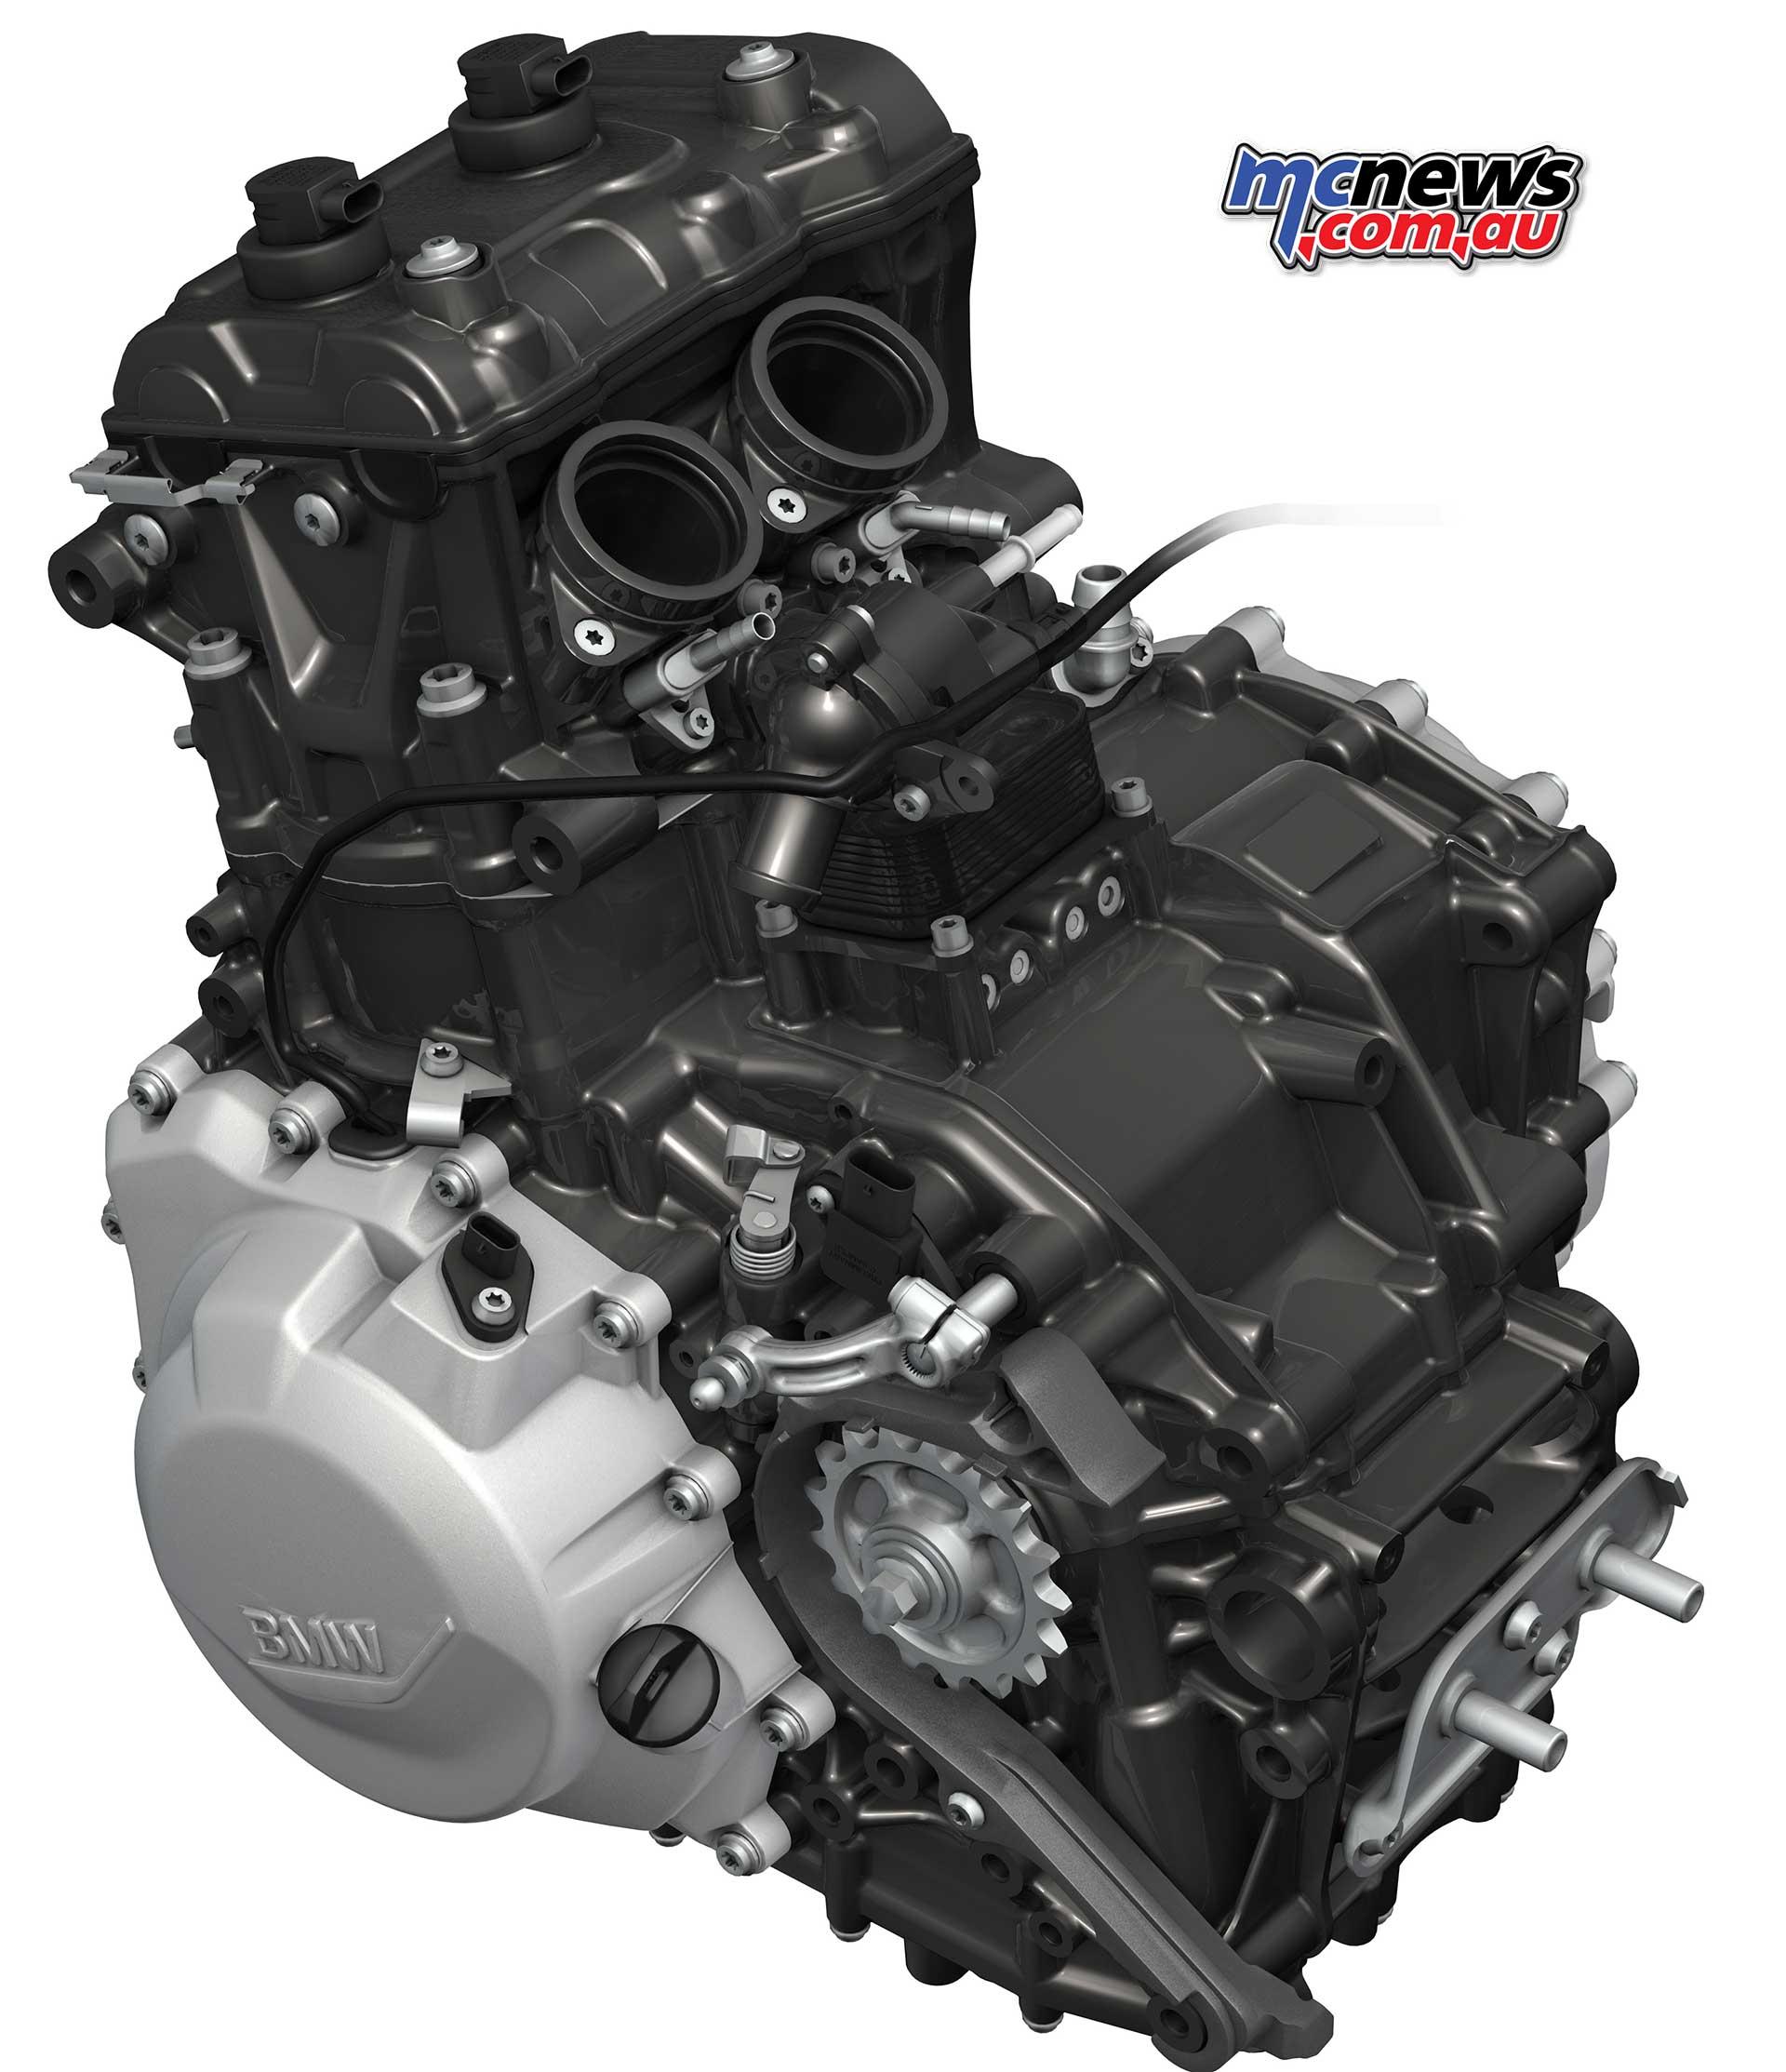 BMW F 750 GS and F 850 GS Pricing | Options | MCNews.com.au